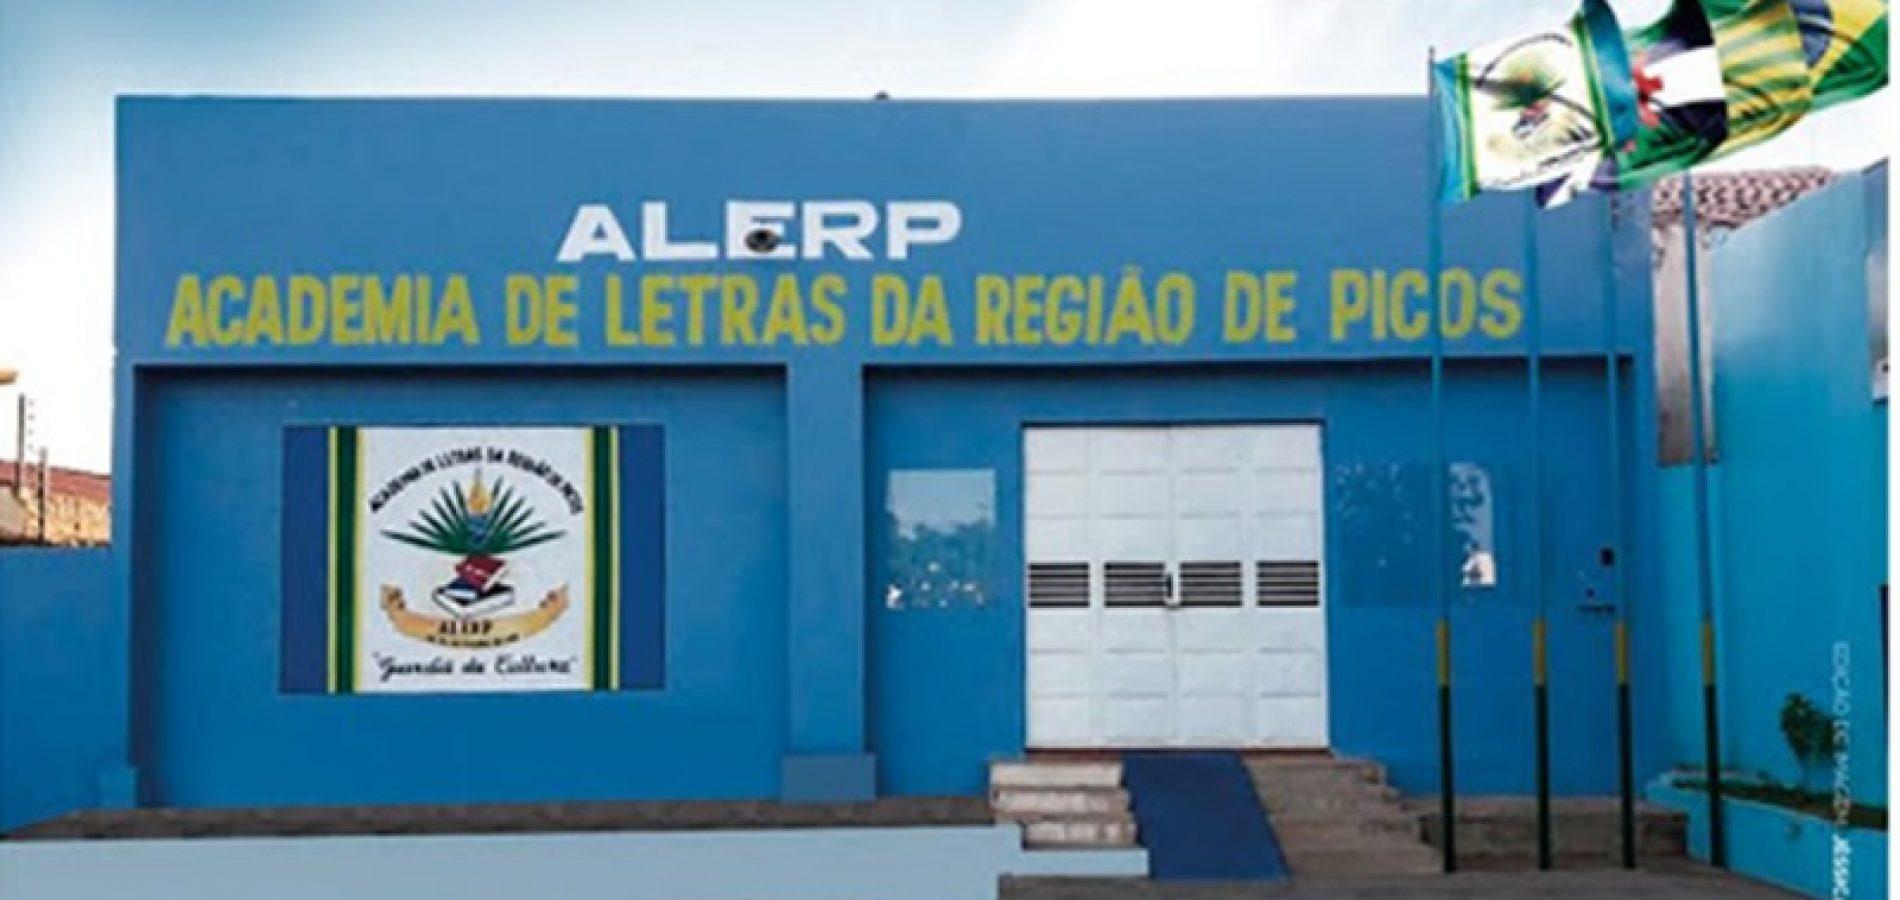 Academia de Letras da Região de Picos lança edital para eleger novo imortal